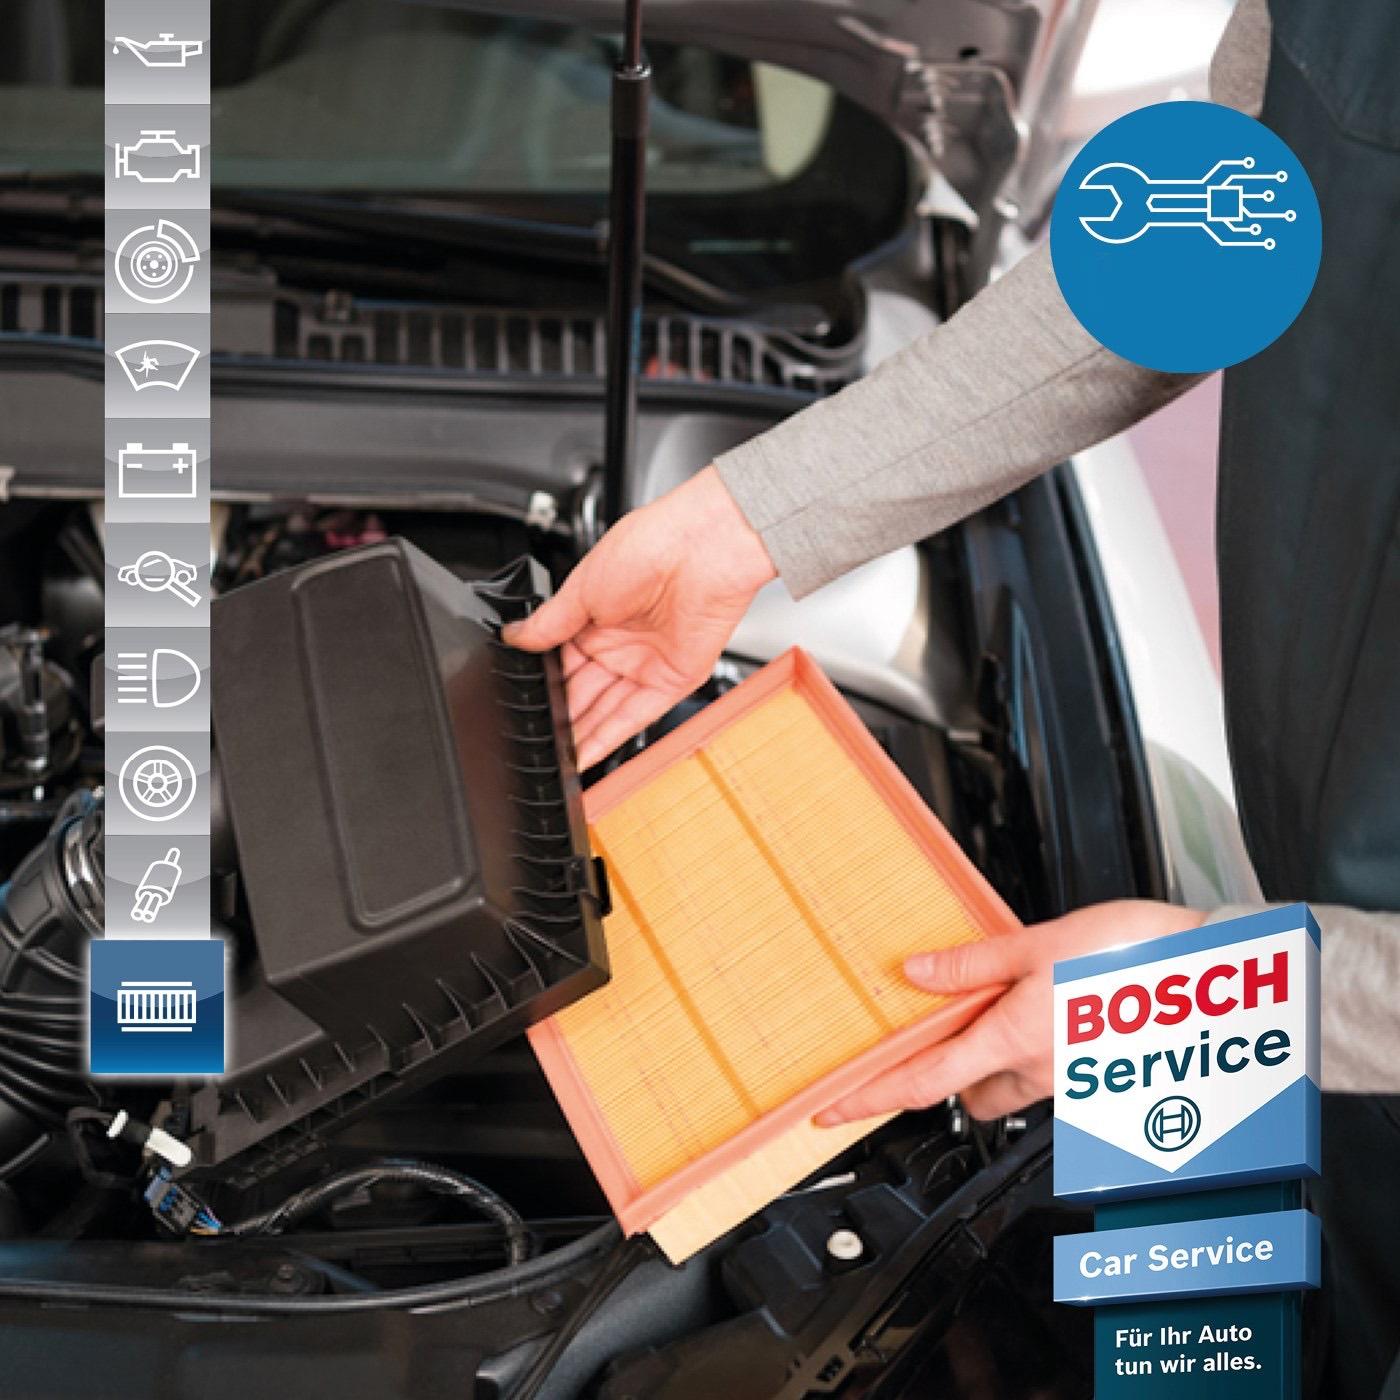 Centro revisioni autorizzato bosch car service a Vimercate | O.P.R.A.